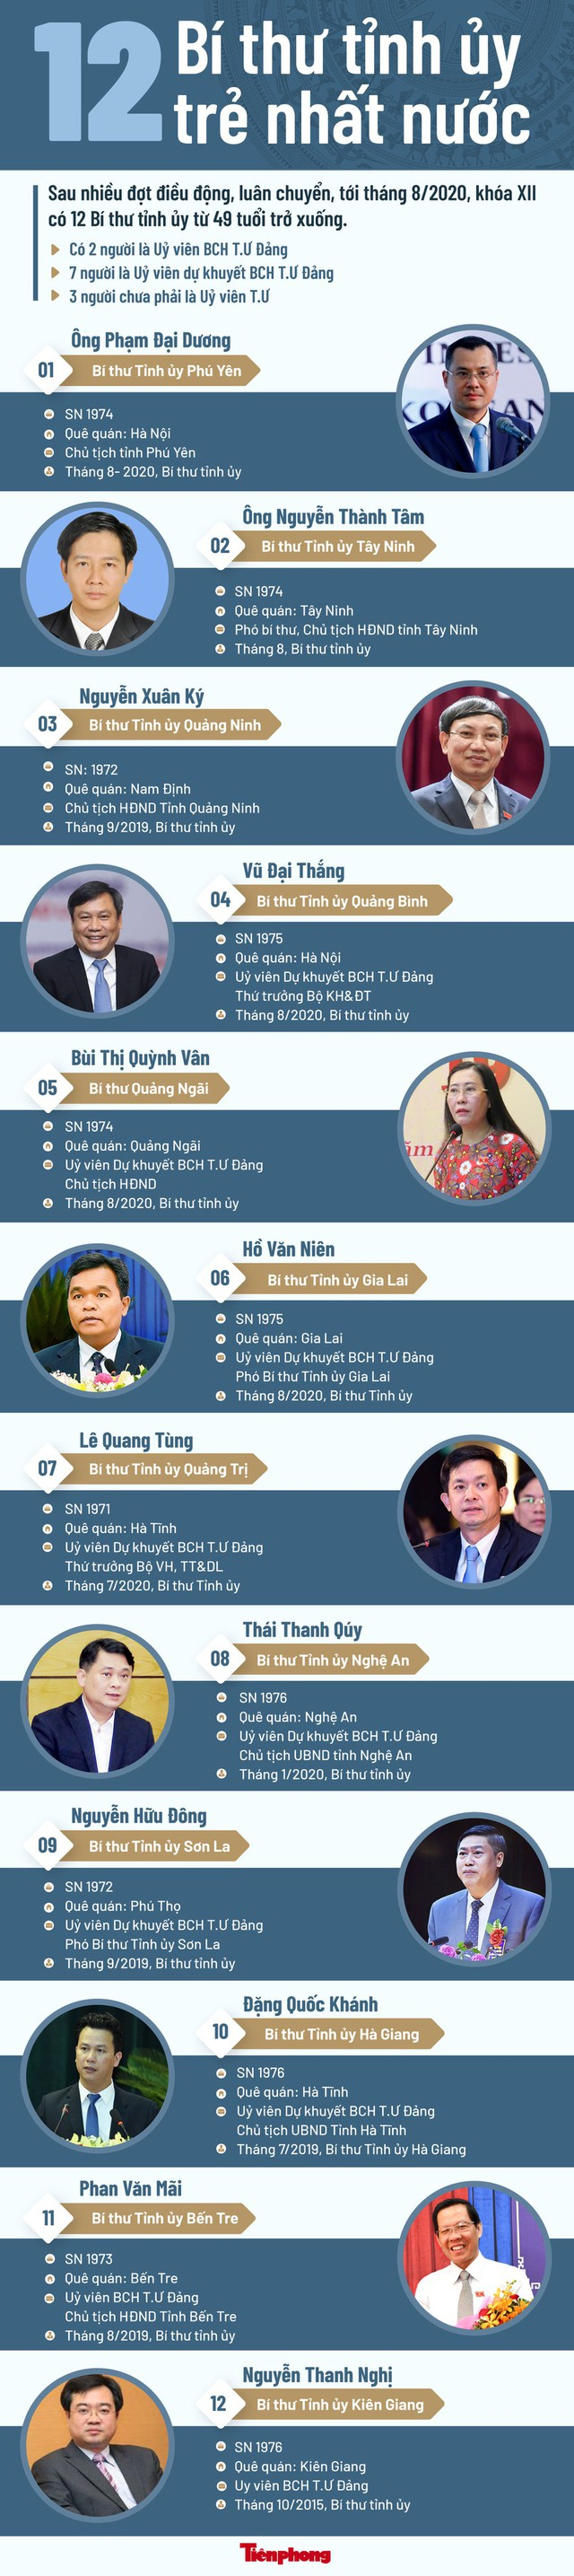 Chân dung 12 Bí thư tỉnh ủy trẻ nhất nước - Ảnh 1.